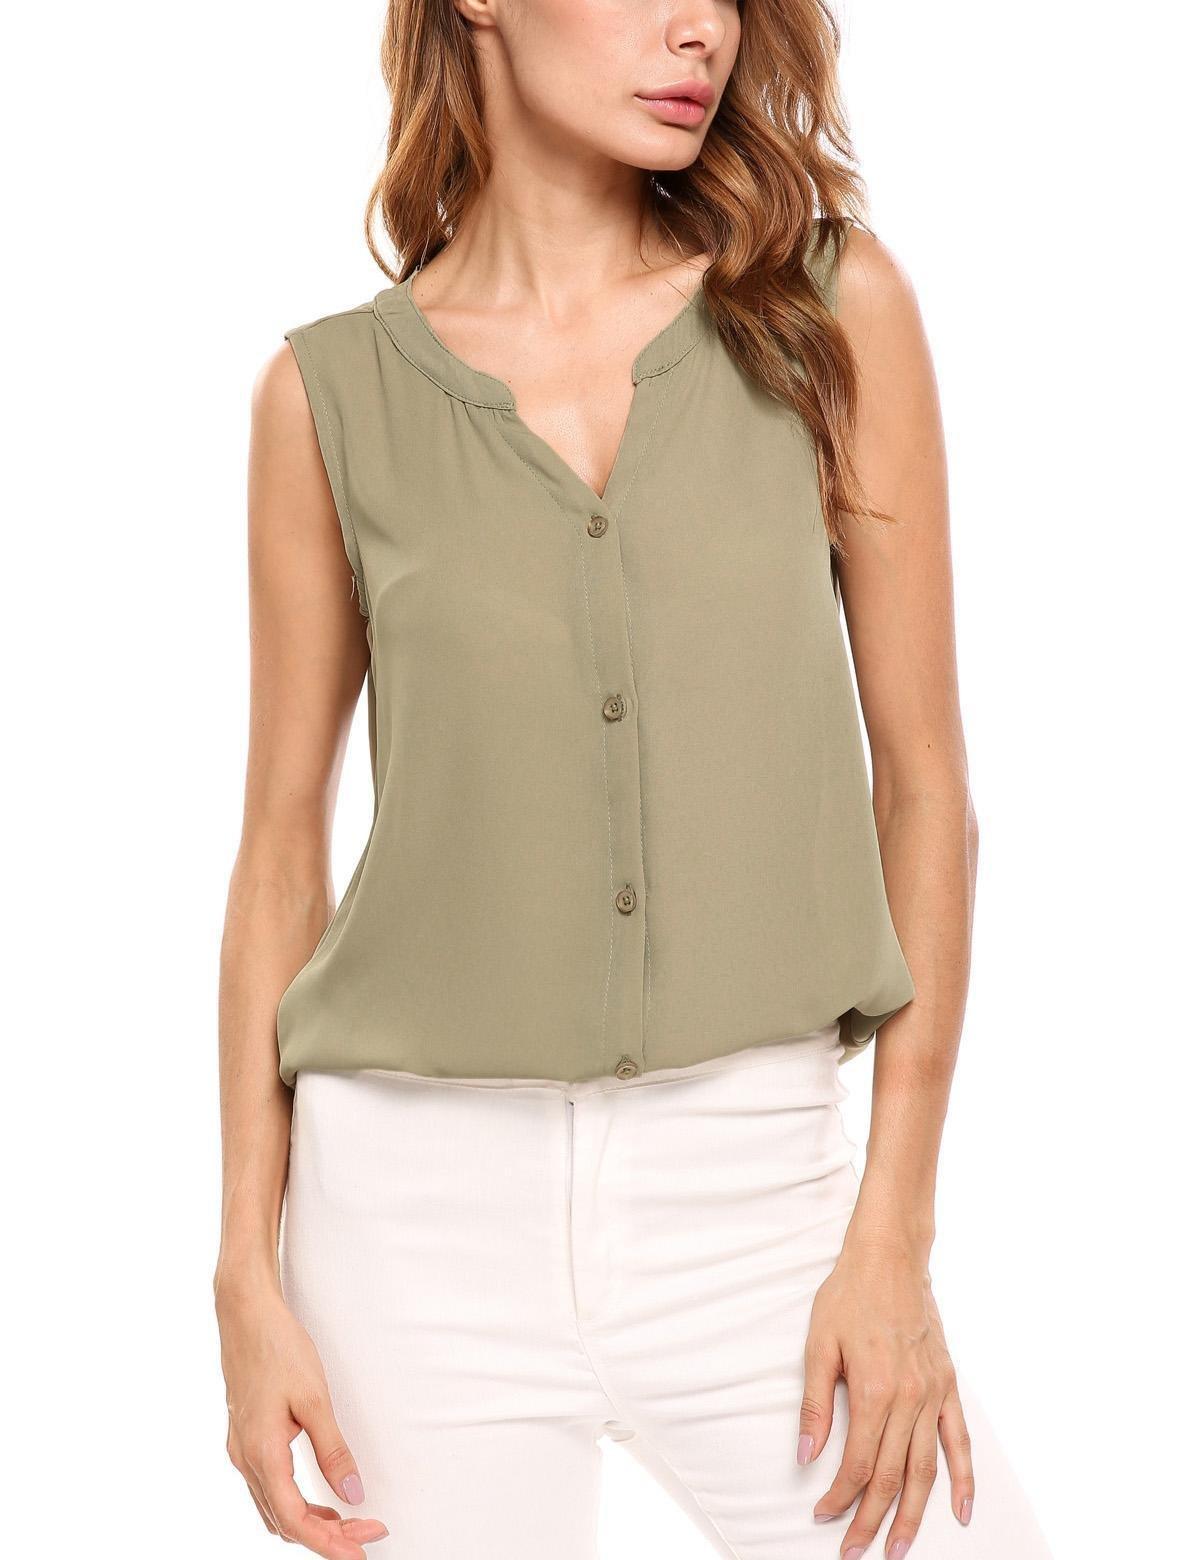 SUNAELIA Womens V Neck Sleeveless Shirts Button Chiffon Blouse Tunic Tank Top, Army Green, X-Large